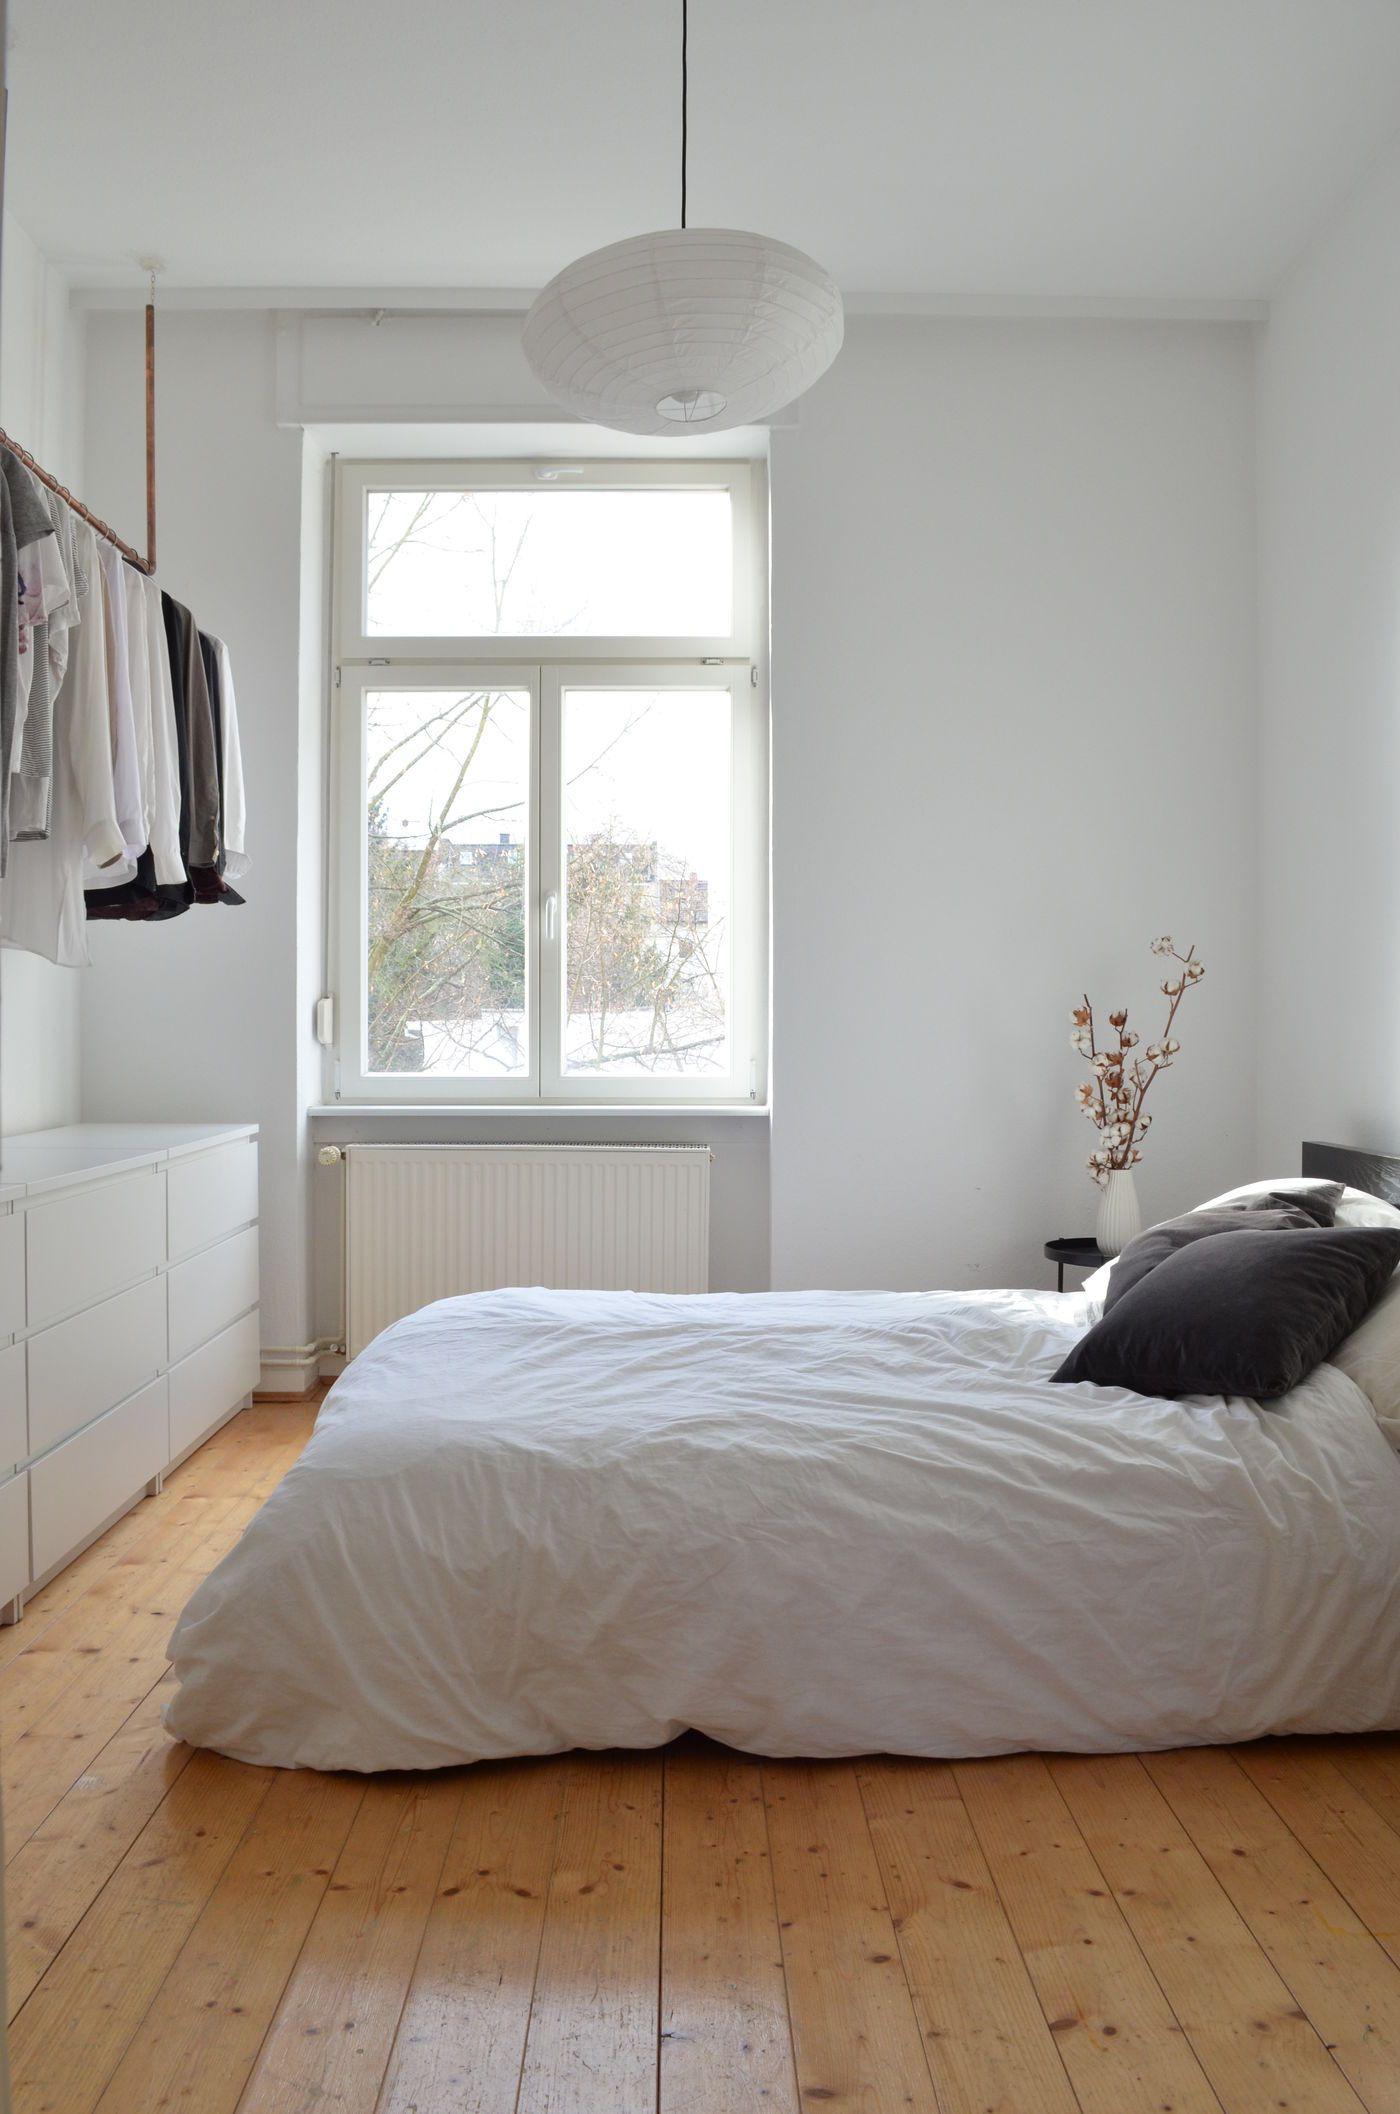 Schlafzimmer Ikea Malm #17: Ikea Malm. Back Home ❤️